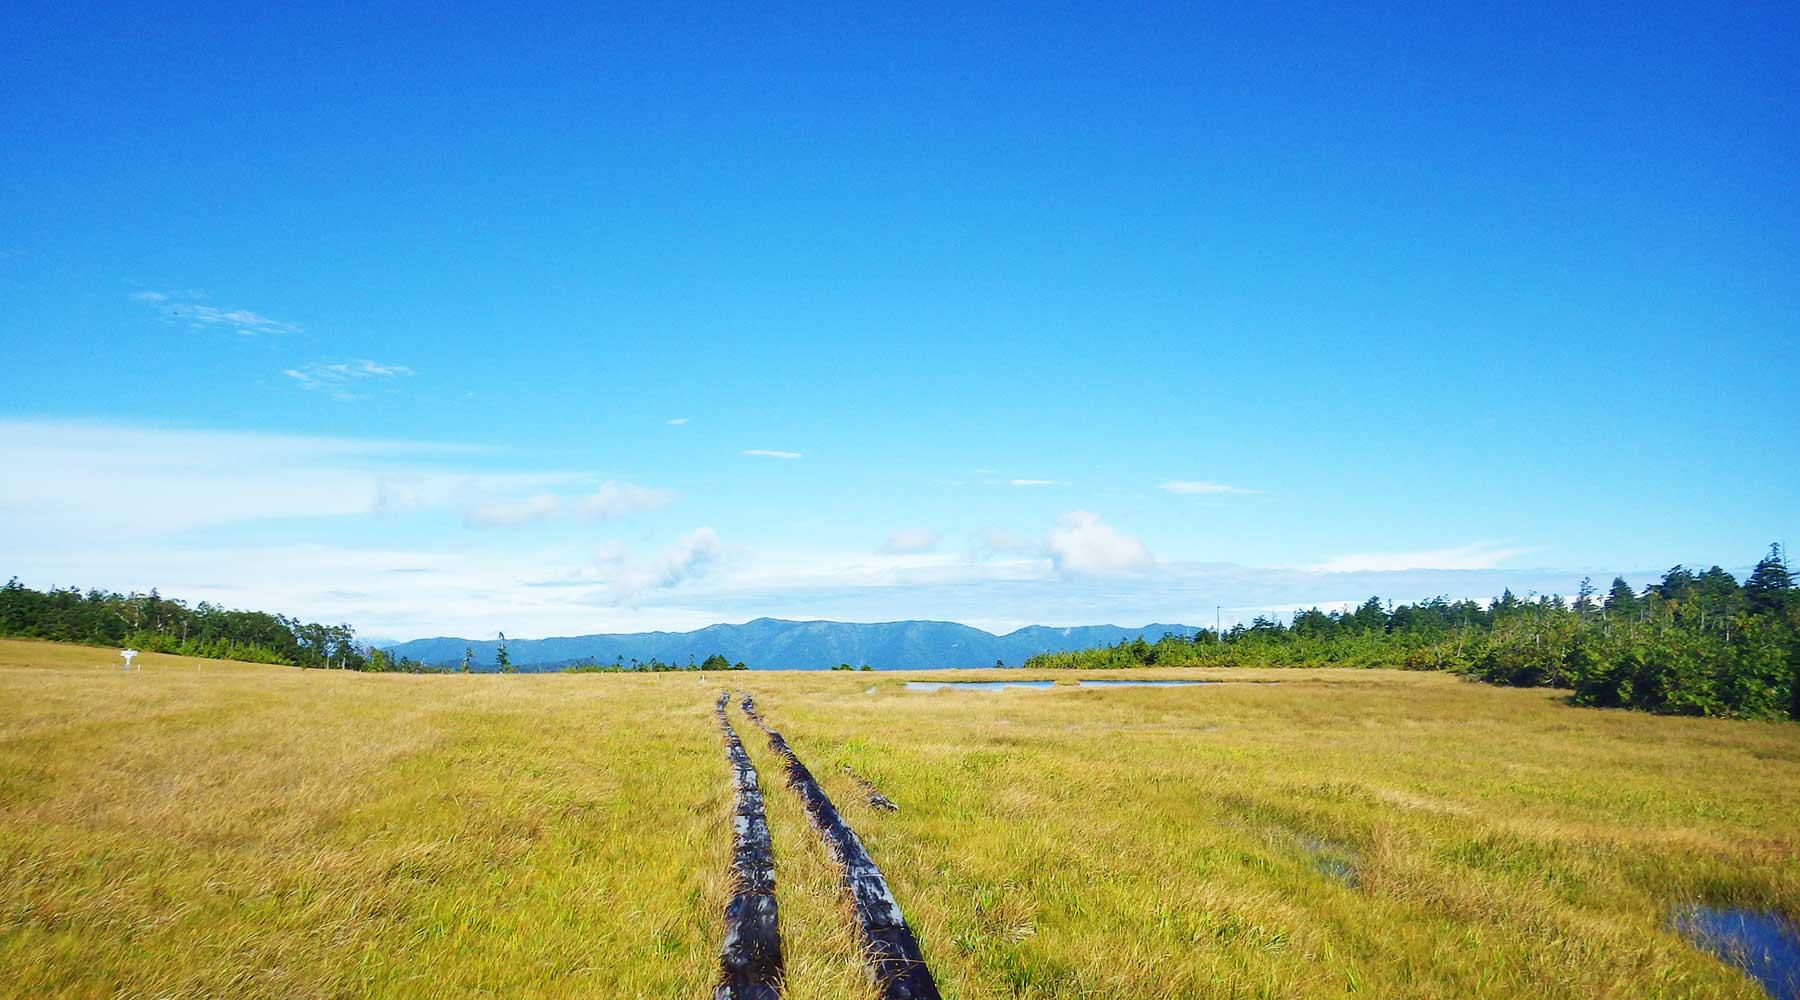 田代山山頂湿原と会津駒ヶ岳